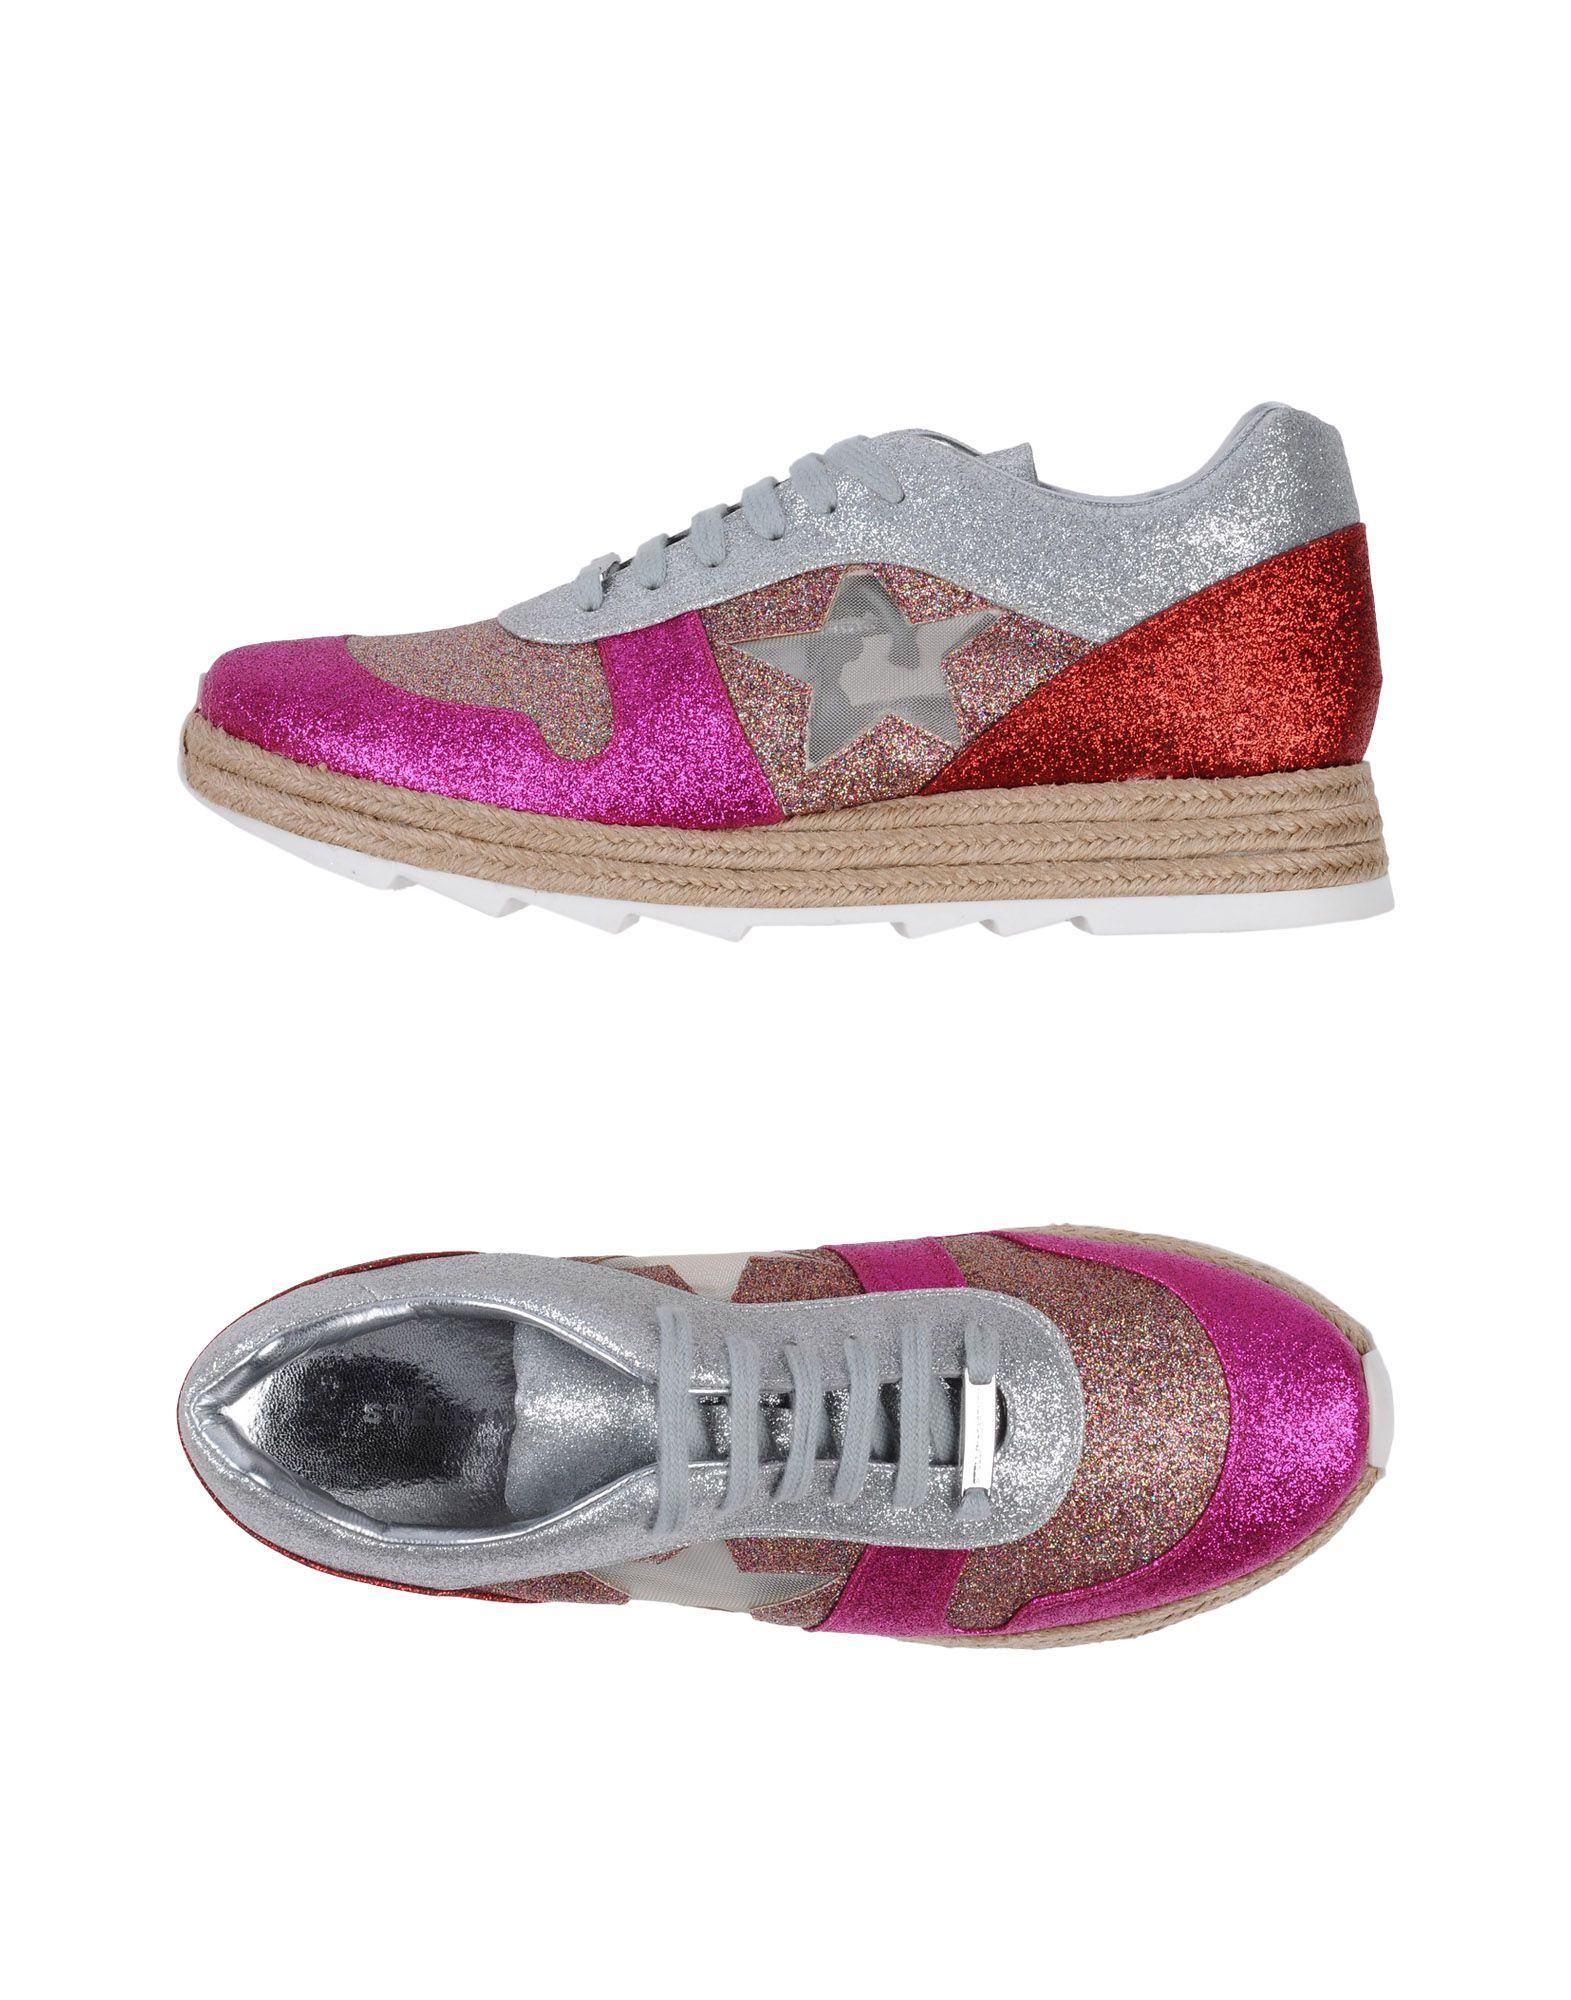 Rabatt Schuhe Stella Mccartney Mccartney Stella Sneakers Damen  11130960VE 6f0bdd